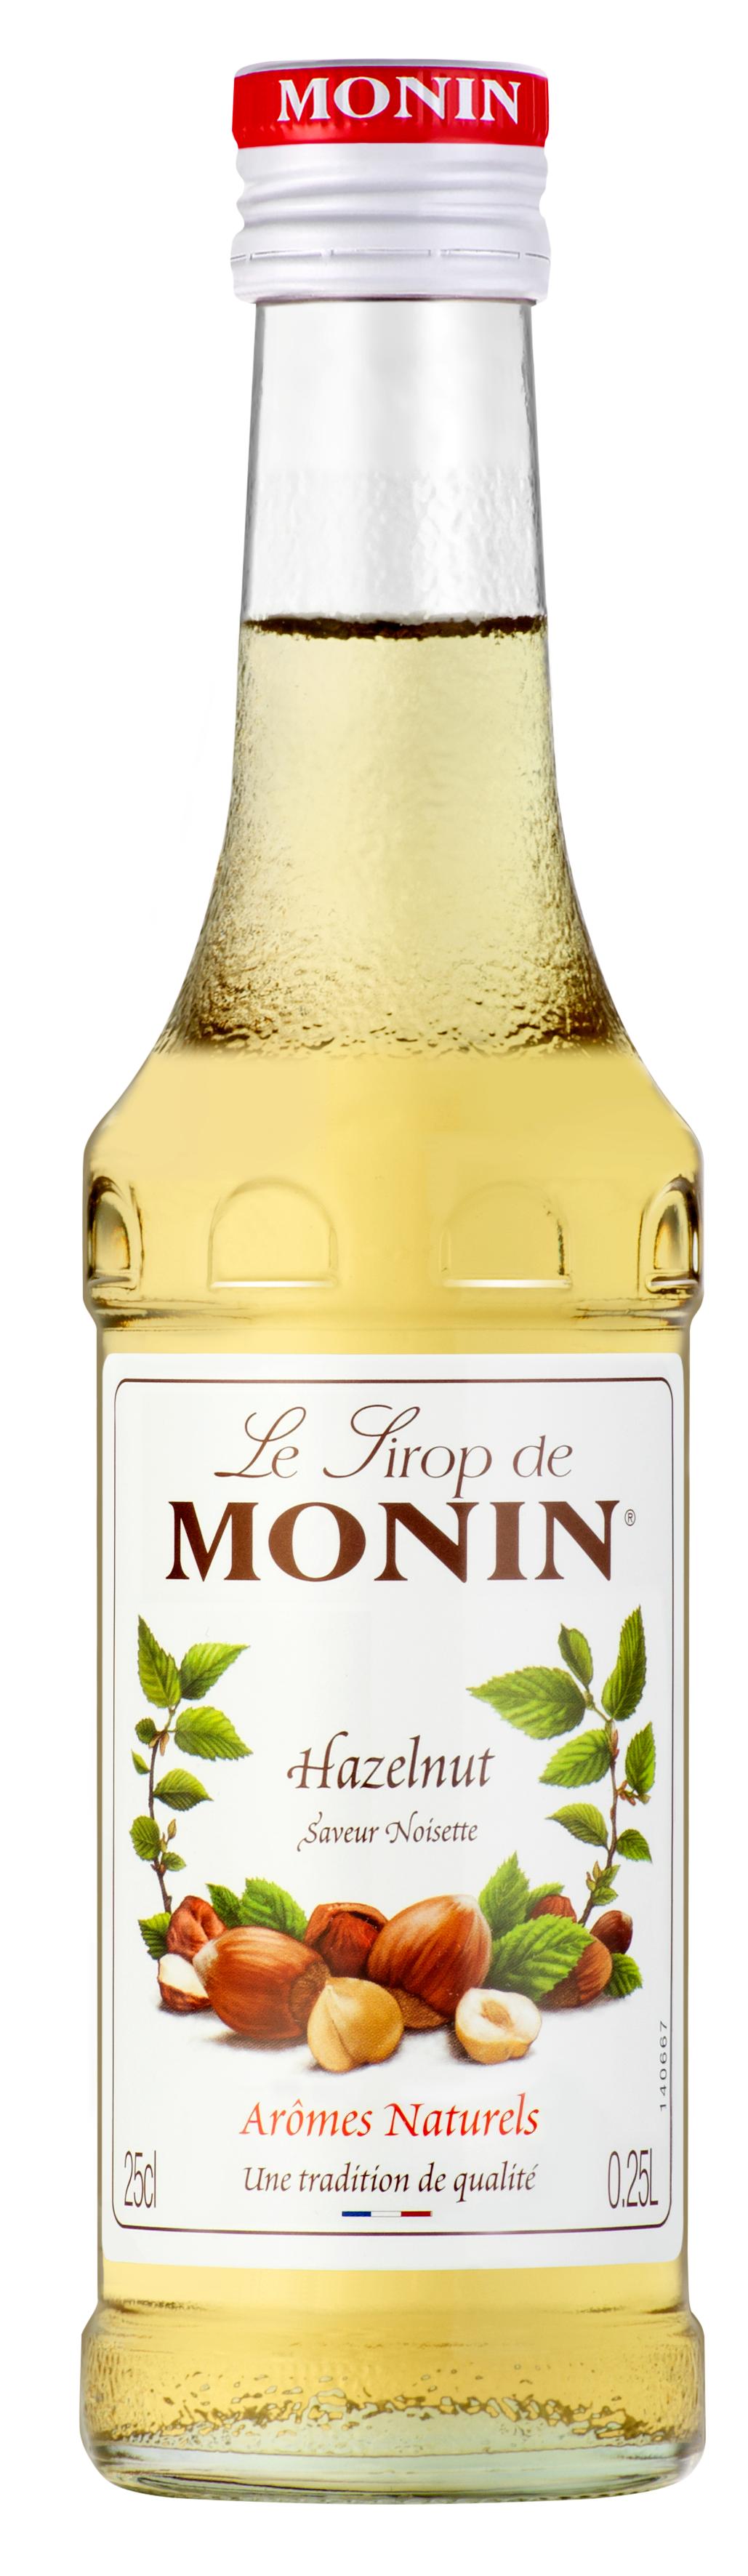 Sirop saveur Noisette Grillée, Monin (25 cl)